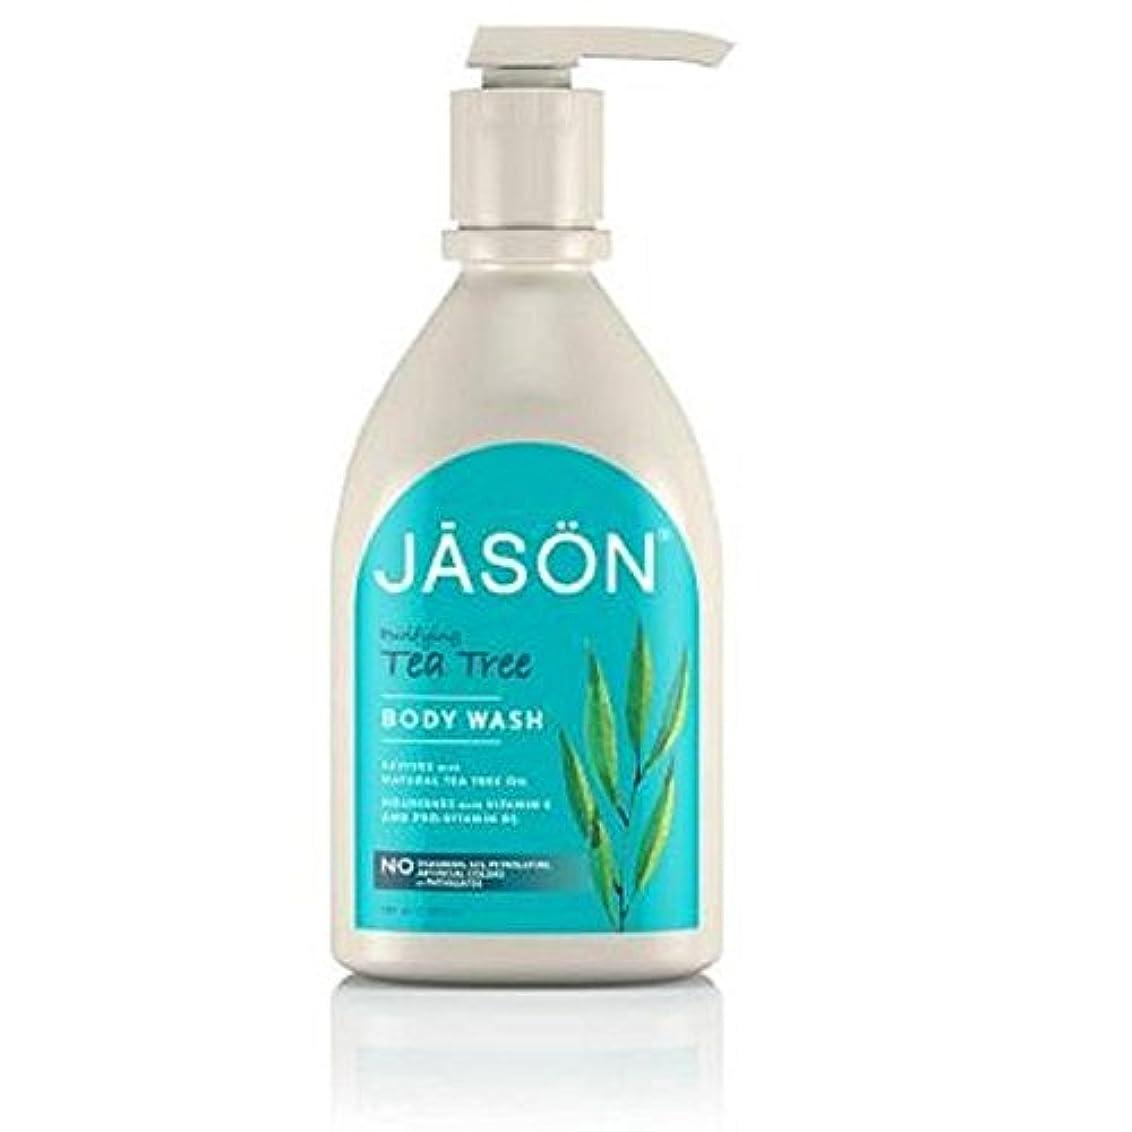 振るうボウリング公爵Jason Tea Tree Satin Body Wash Pump 900ml (Pack of 6) - ジェイソン?ティーツリーサテンボディウォッシュポンプ900ミリリットル x6 [並行輸入品]